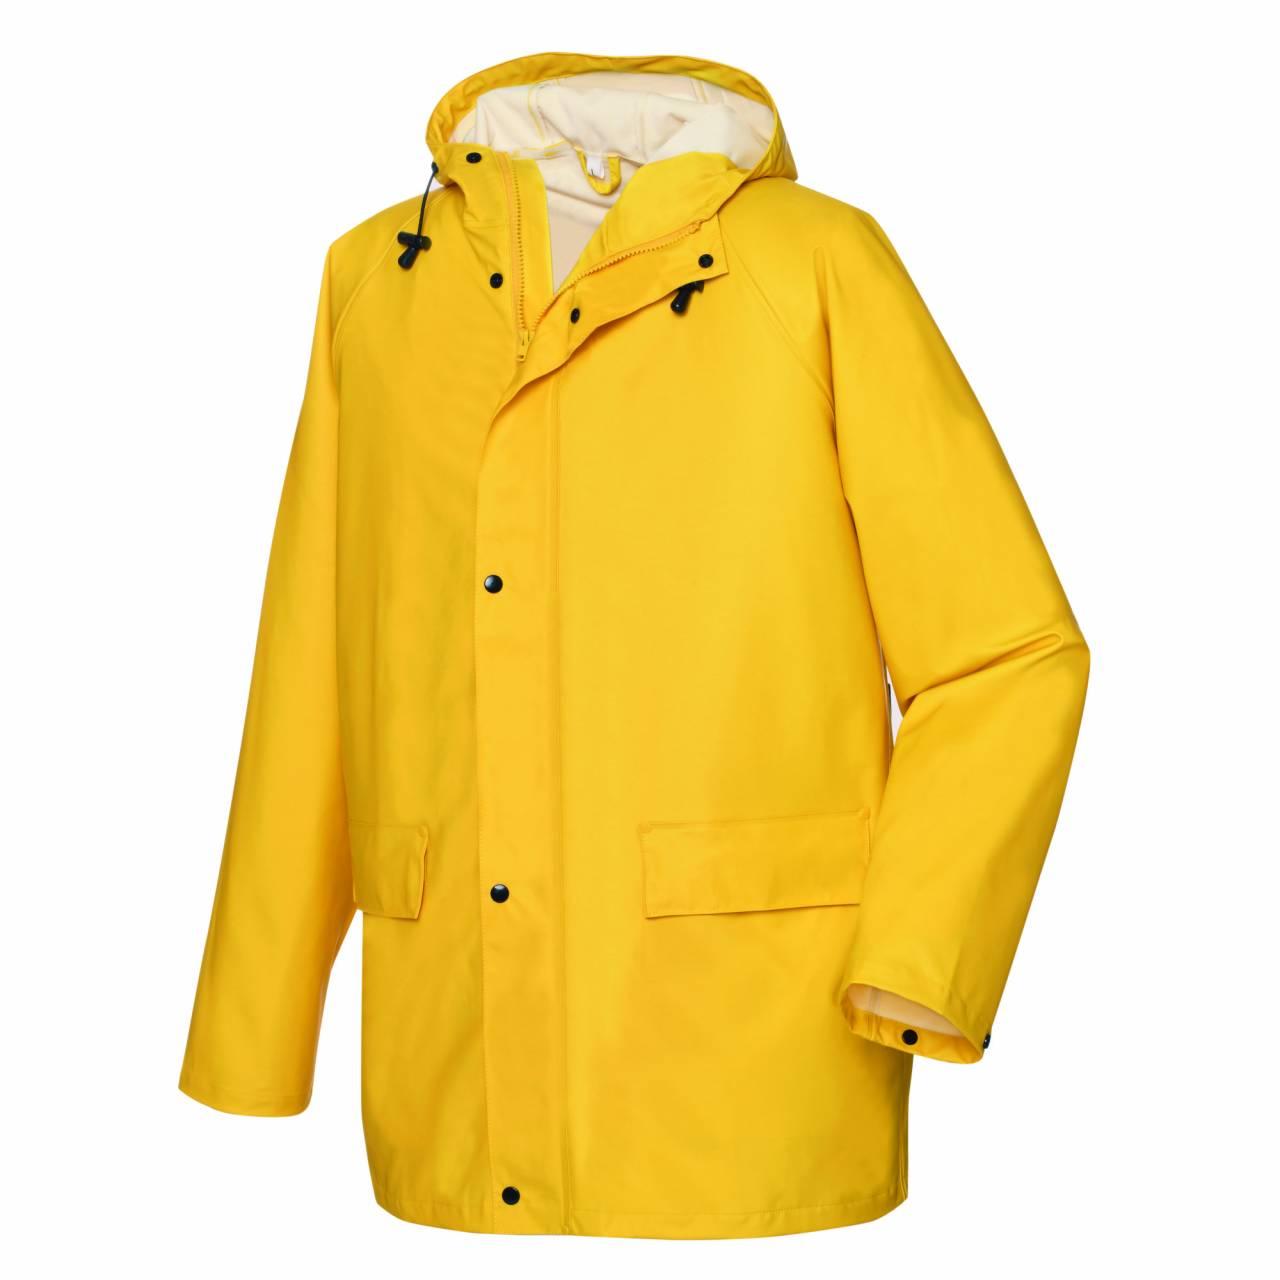 PU-Regenschutz-Jacke gelb, Gr.XL, mit Kapuze